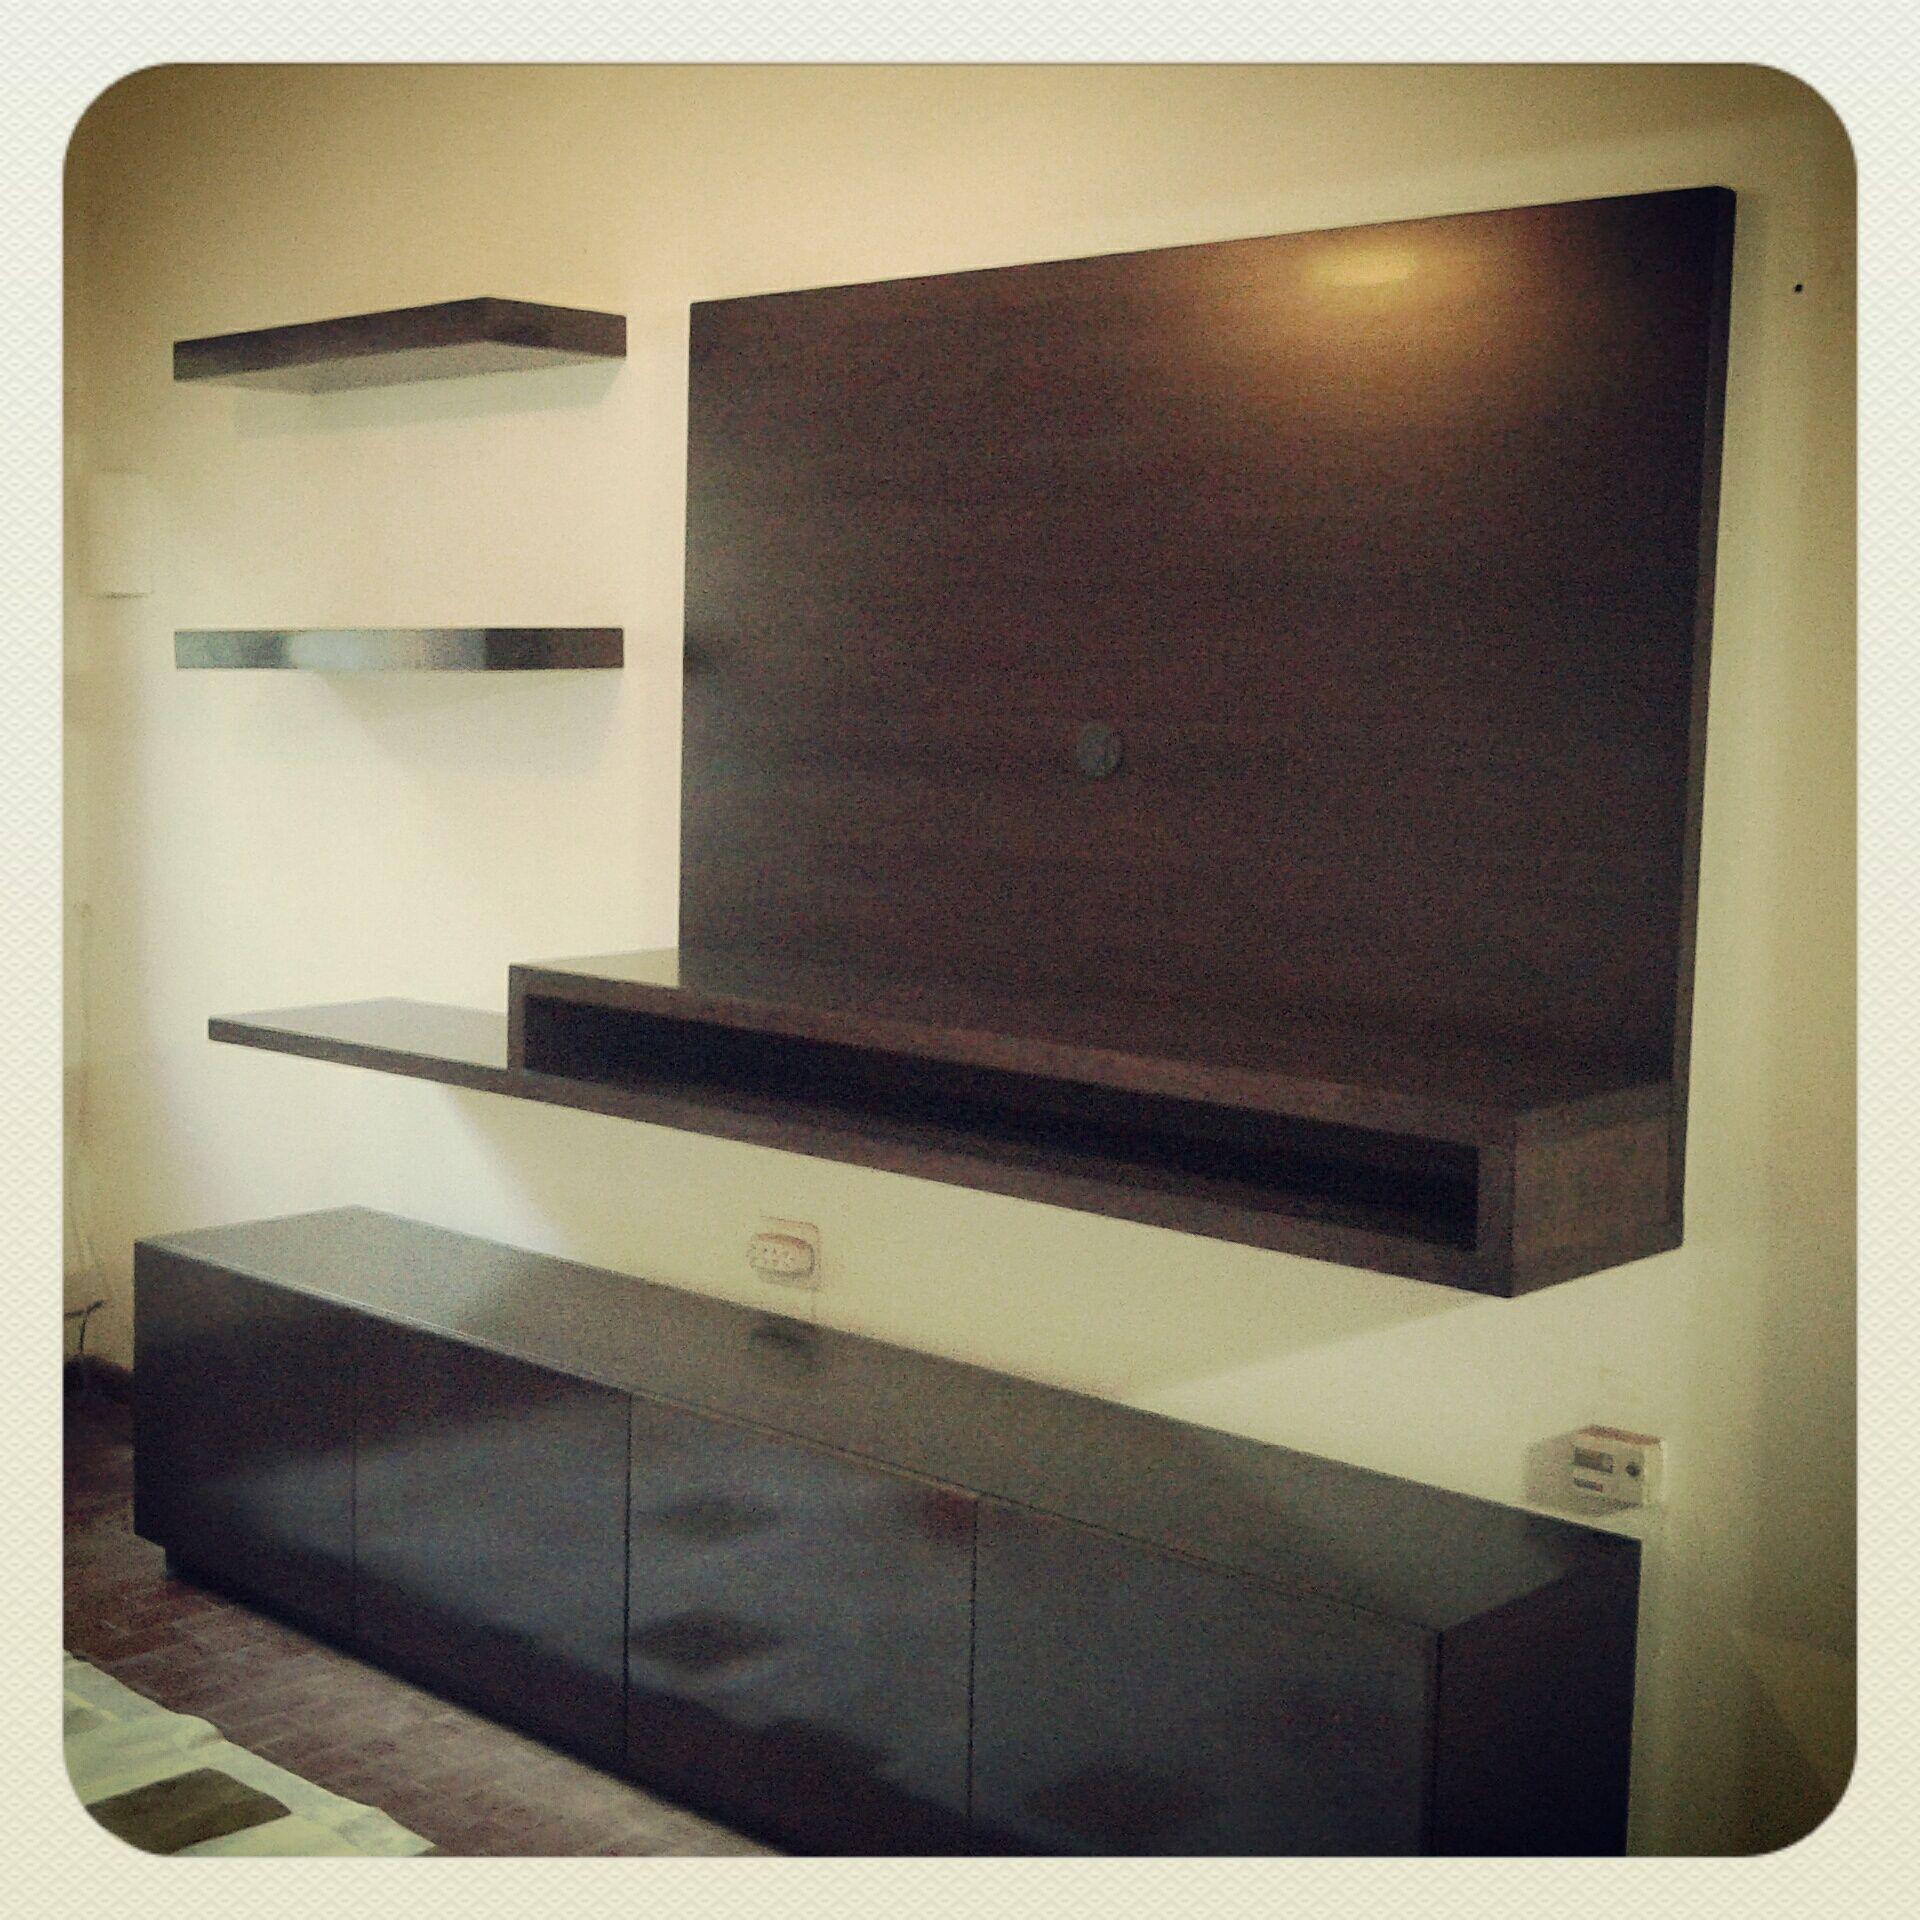 Mueble tv volado estantes volados y vajillero bajo con 4 for Isabel miro muebles